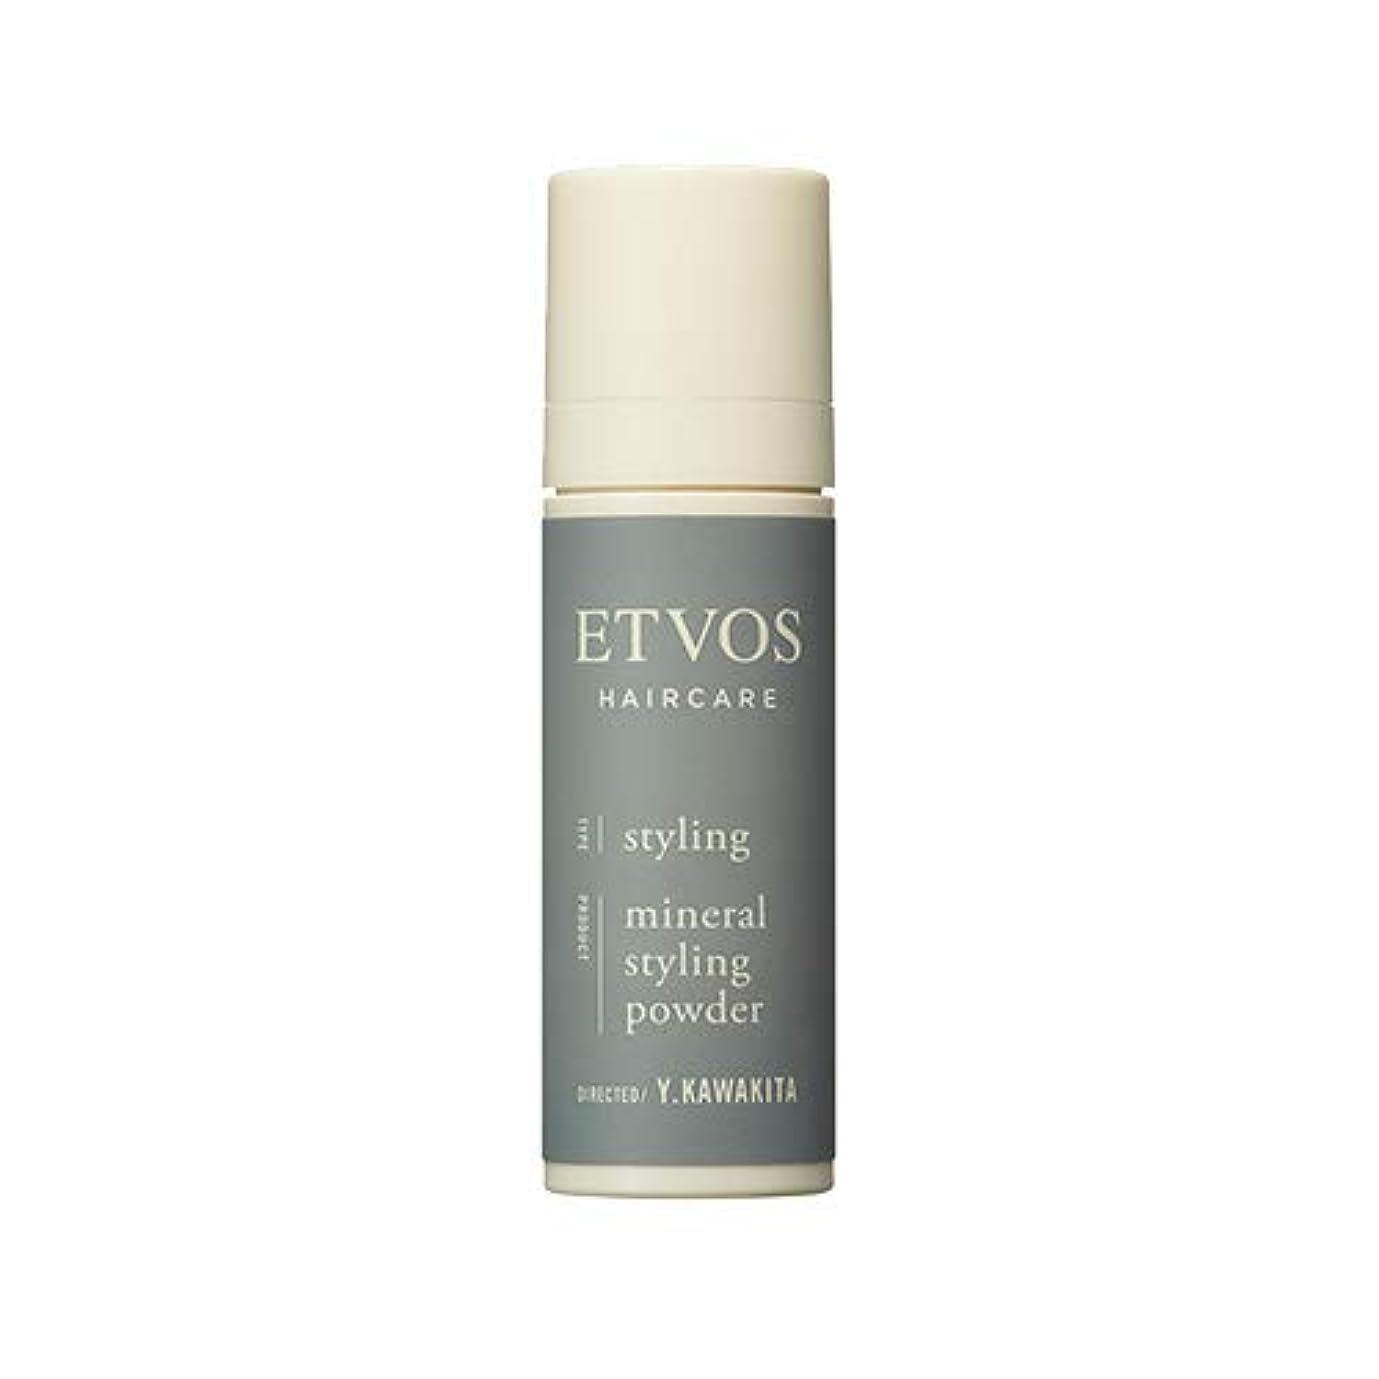 反対に震える所属ETVOS(エトヴォス) ミネラルスタイリングパウダー 6g ノンシリコン 頭皮の臭い/汗対策 【河北裕介コラボ】